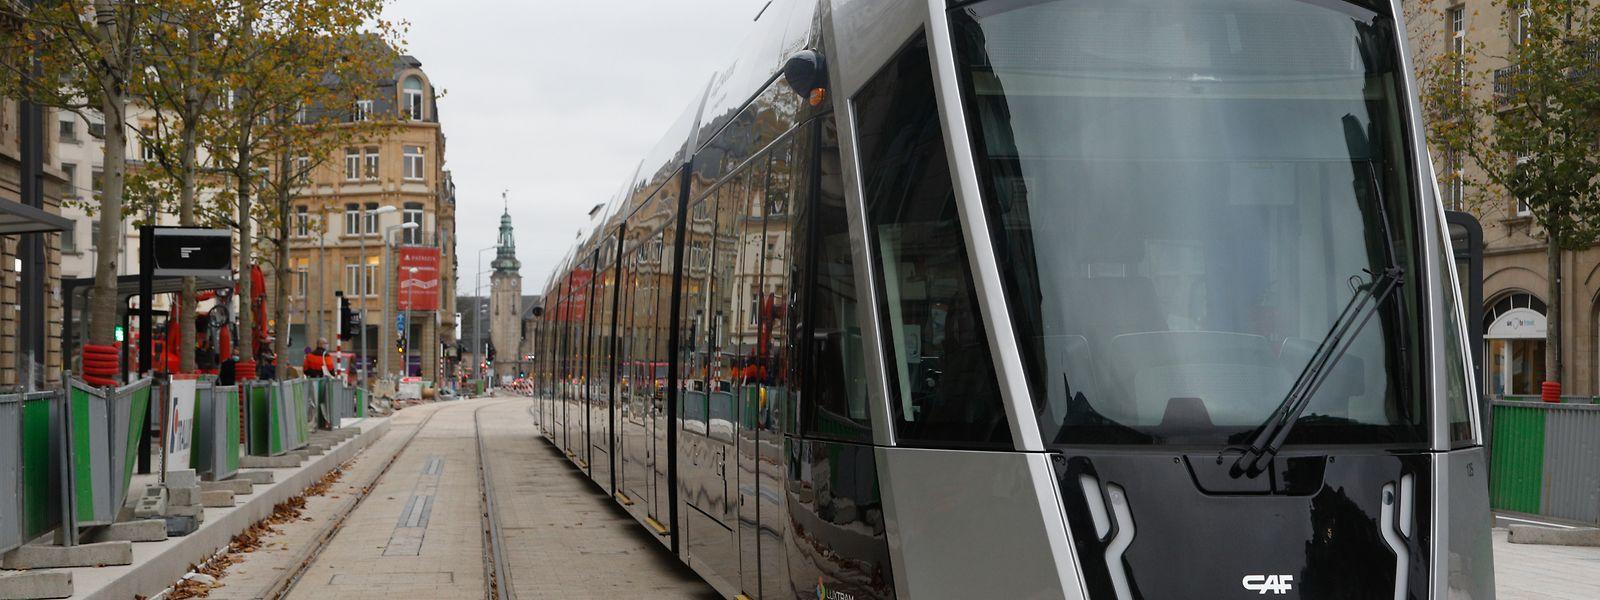 Nicht in jeder Region wird eine Tram fahren.